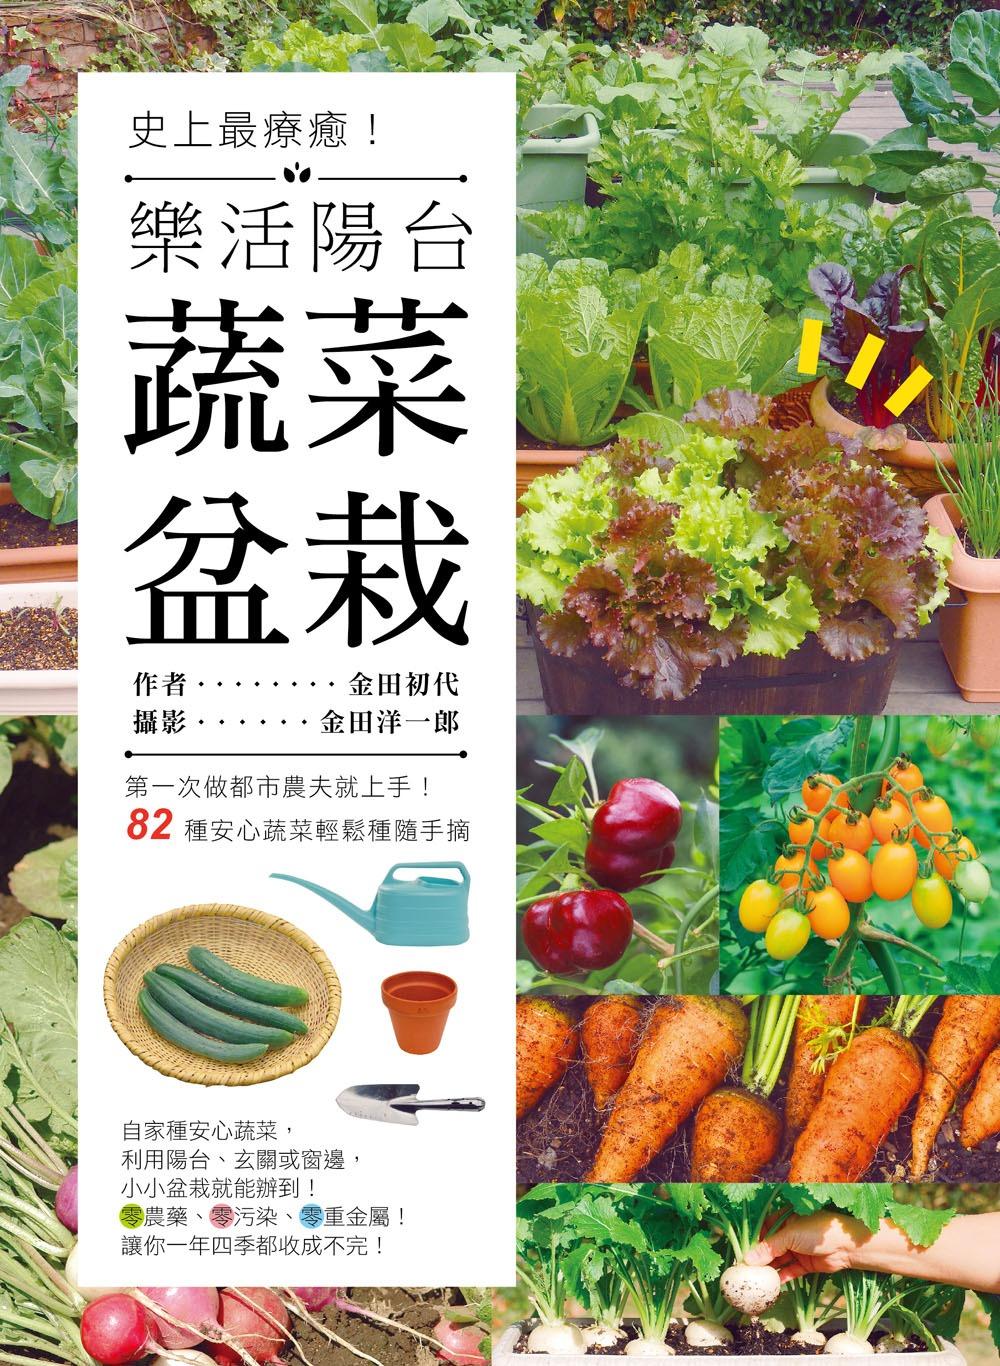 史上最療癒!樂活陽台蔬菜盆栽 :第一次做都市農夫就上手!82種安心蔬菜輕鬆種隨手摘